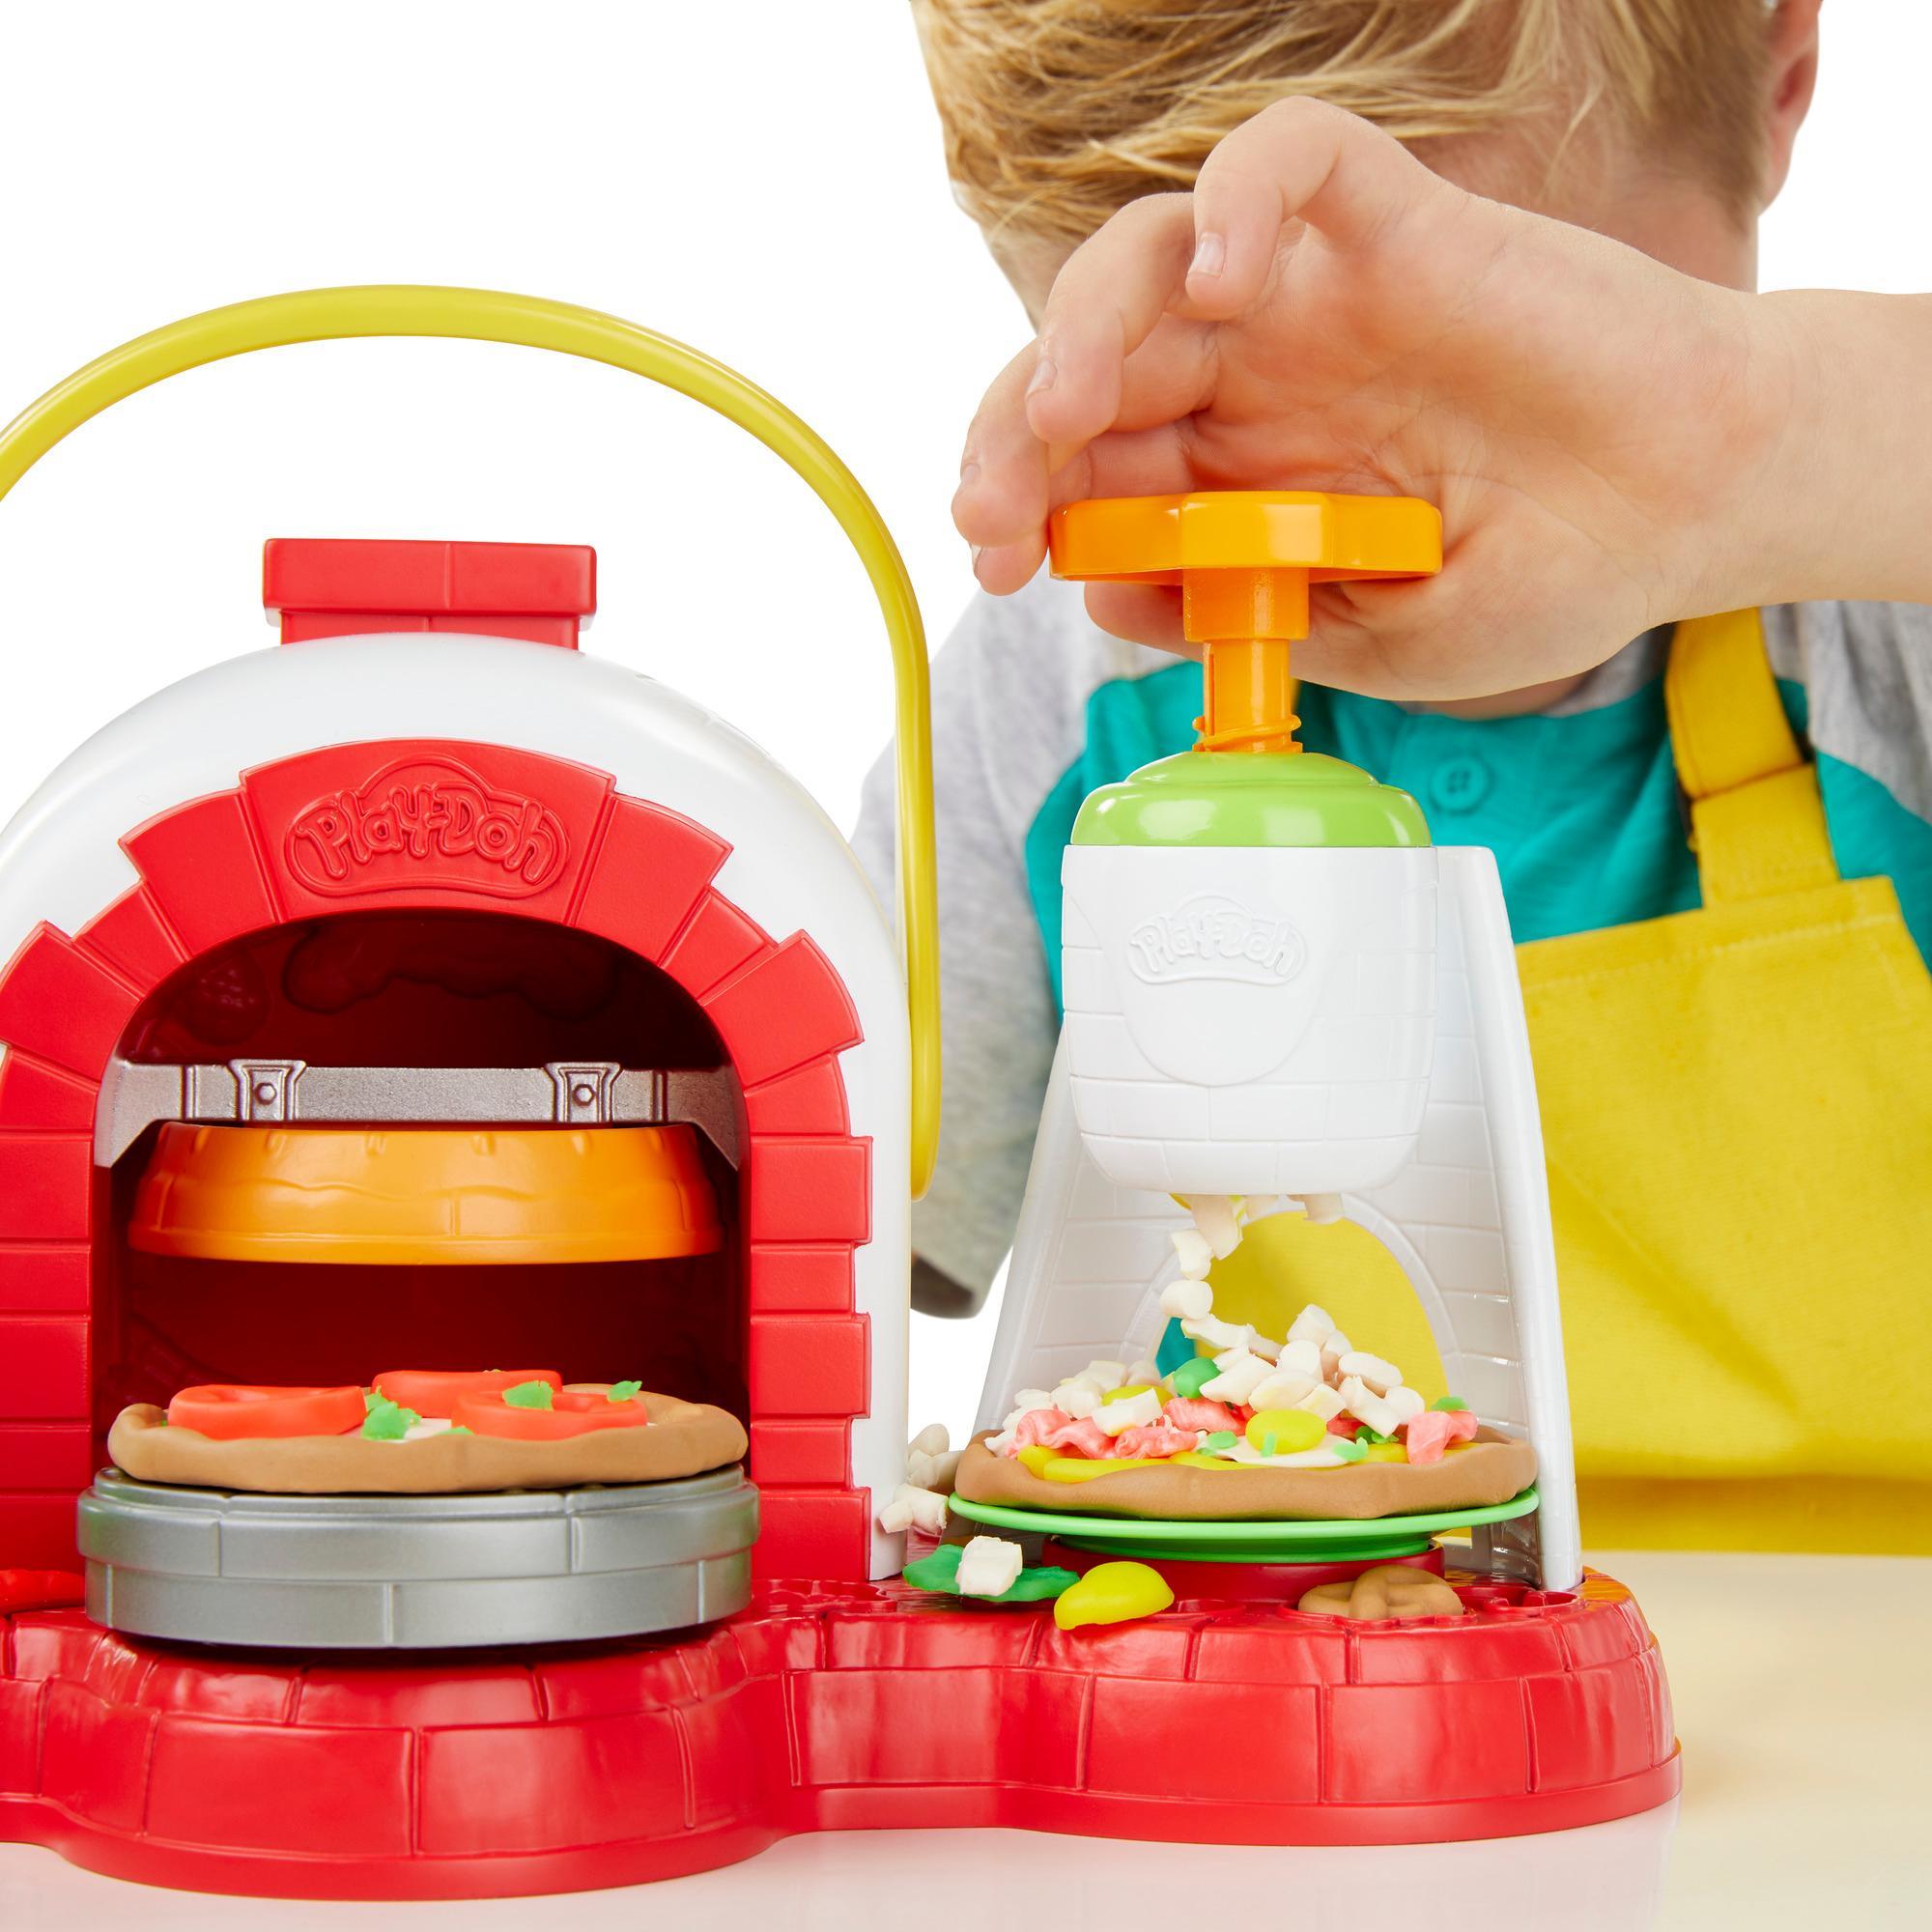 Play-Doh Pizzaofen mit 5 Dosen Play-Doh in verschiedenen Farben